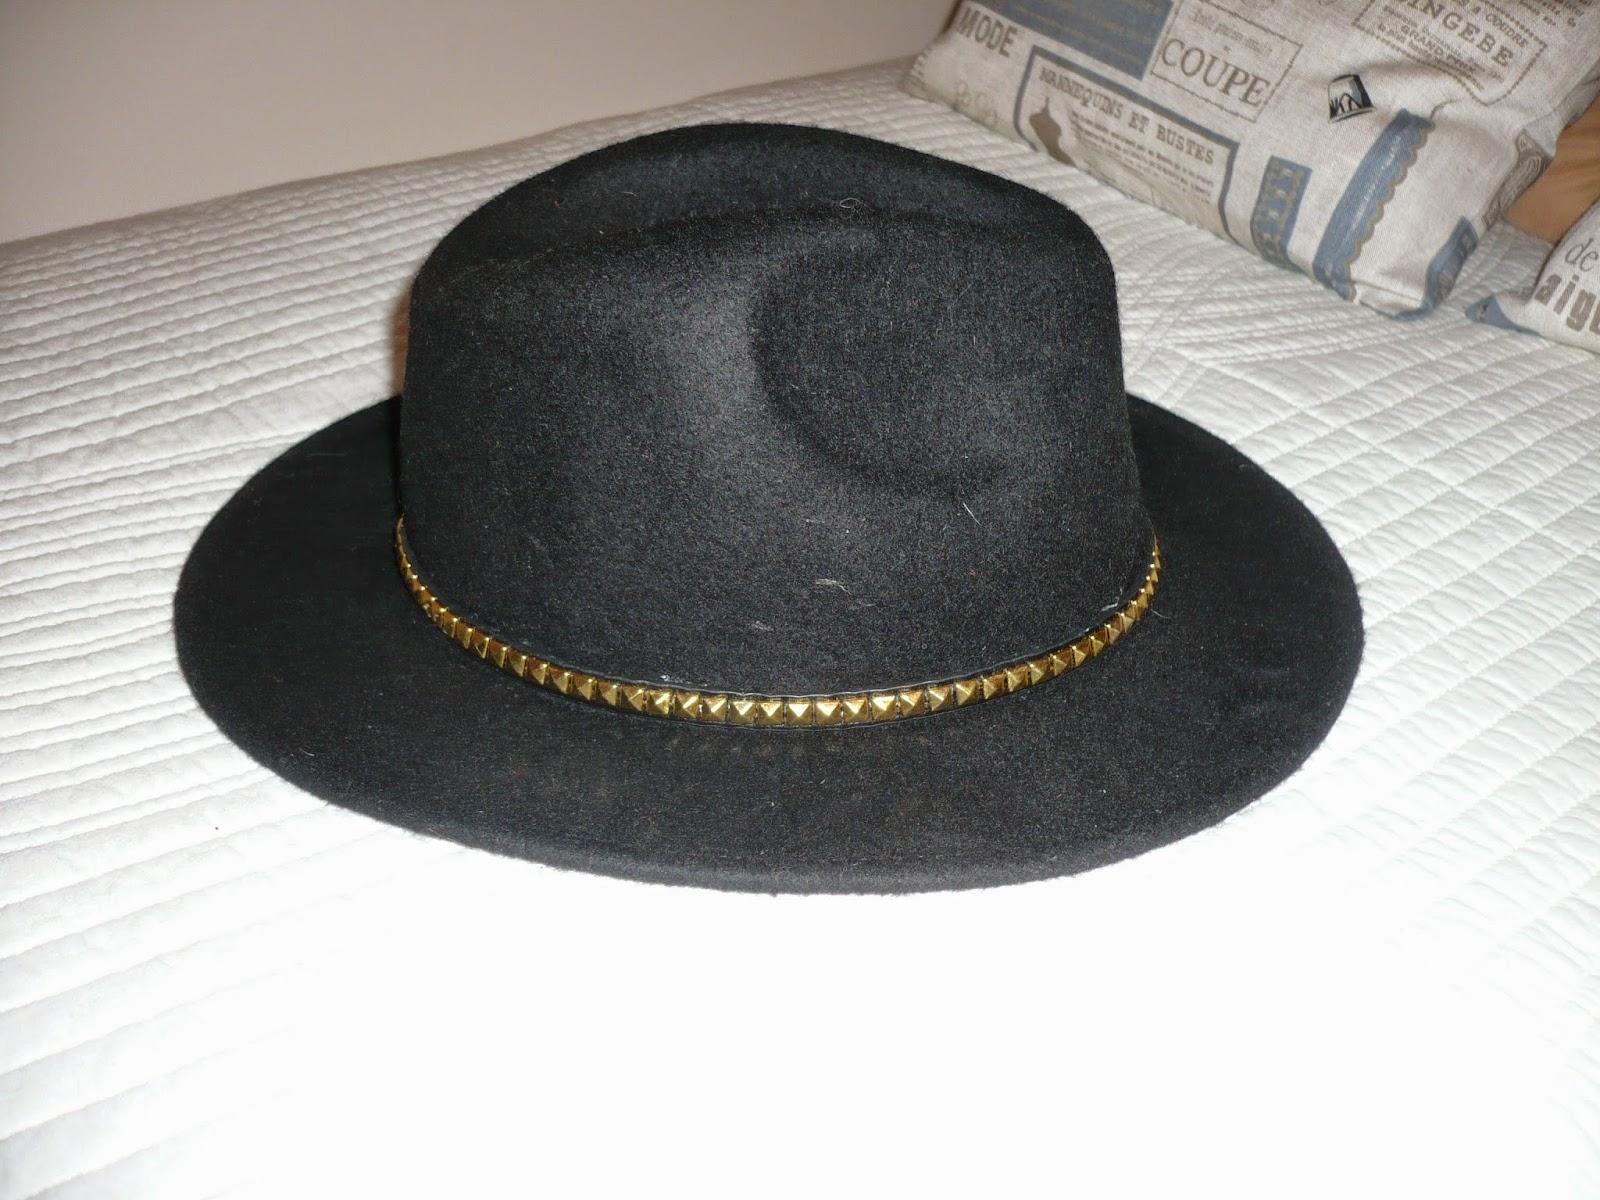 Marujeando que es gerundio  Truco para empequeñecer un sombrero 4add8e637b5